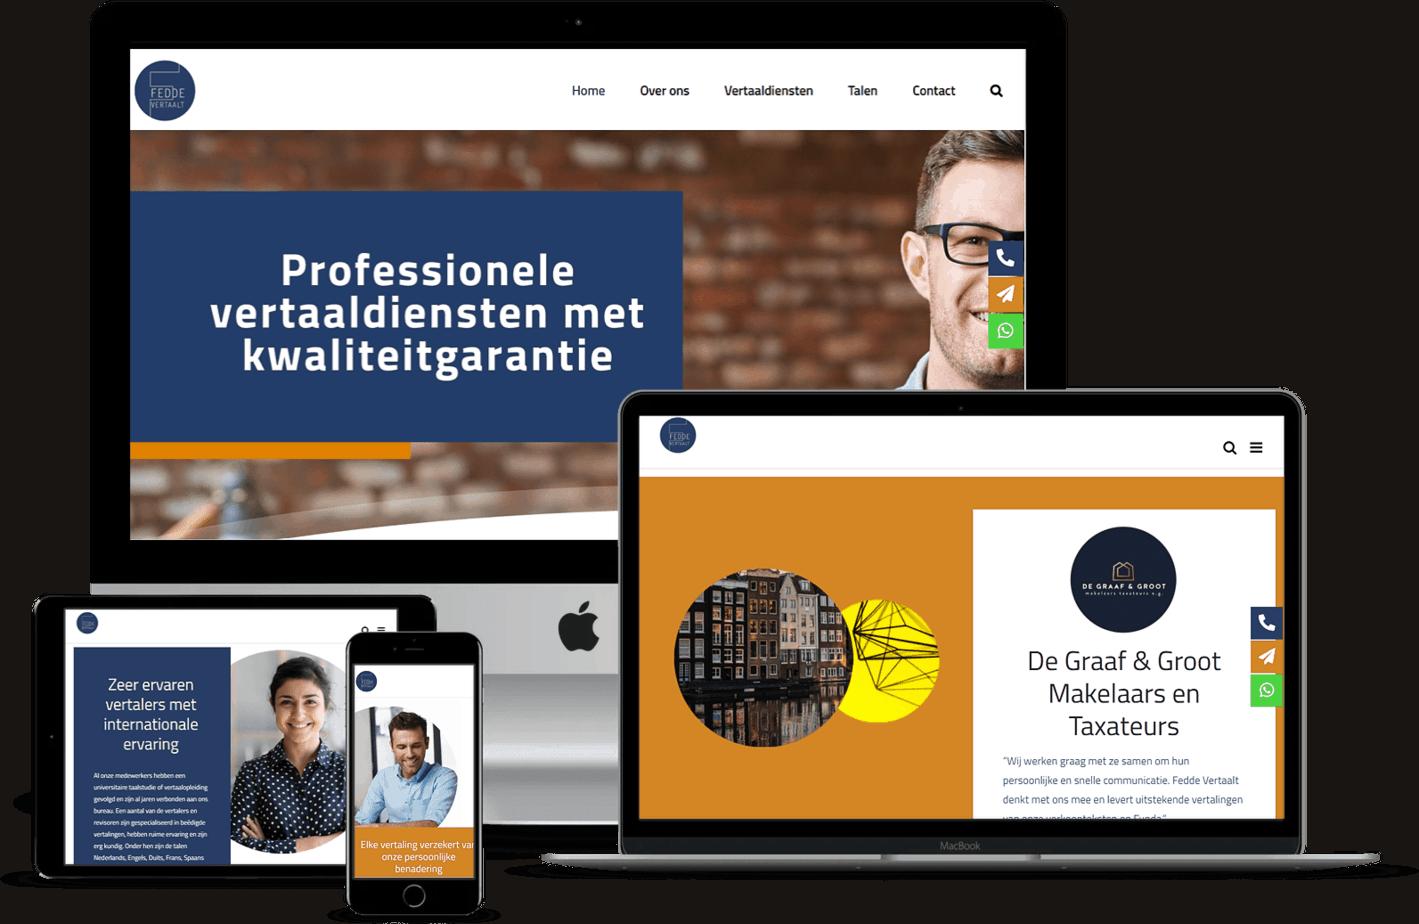 Nieuwe website voor Fedde Vertaalt